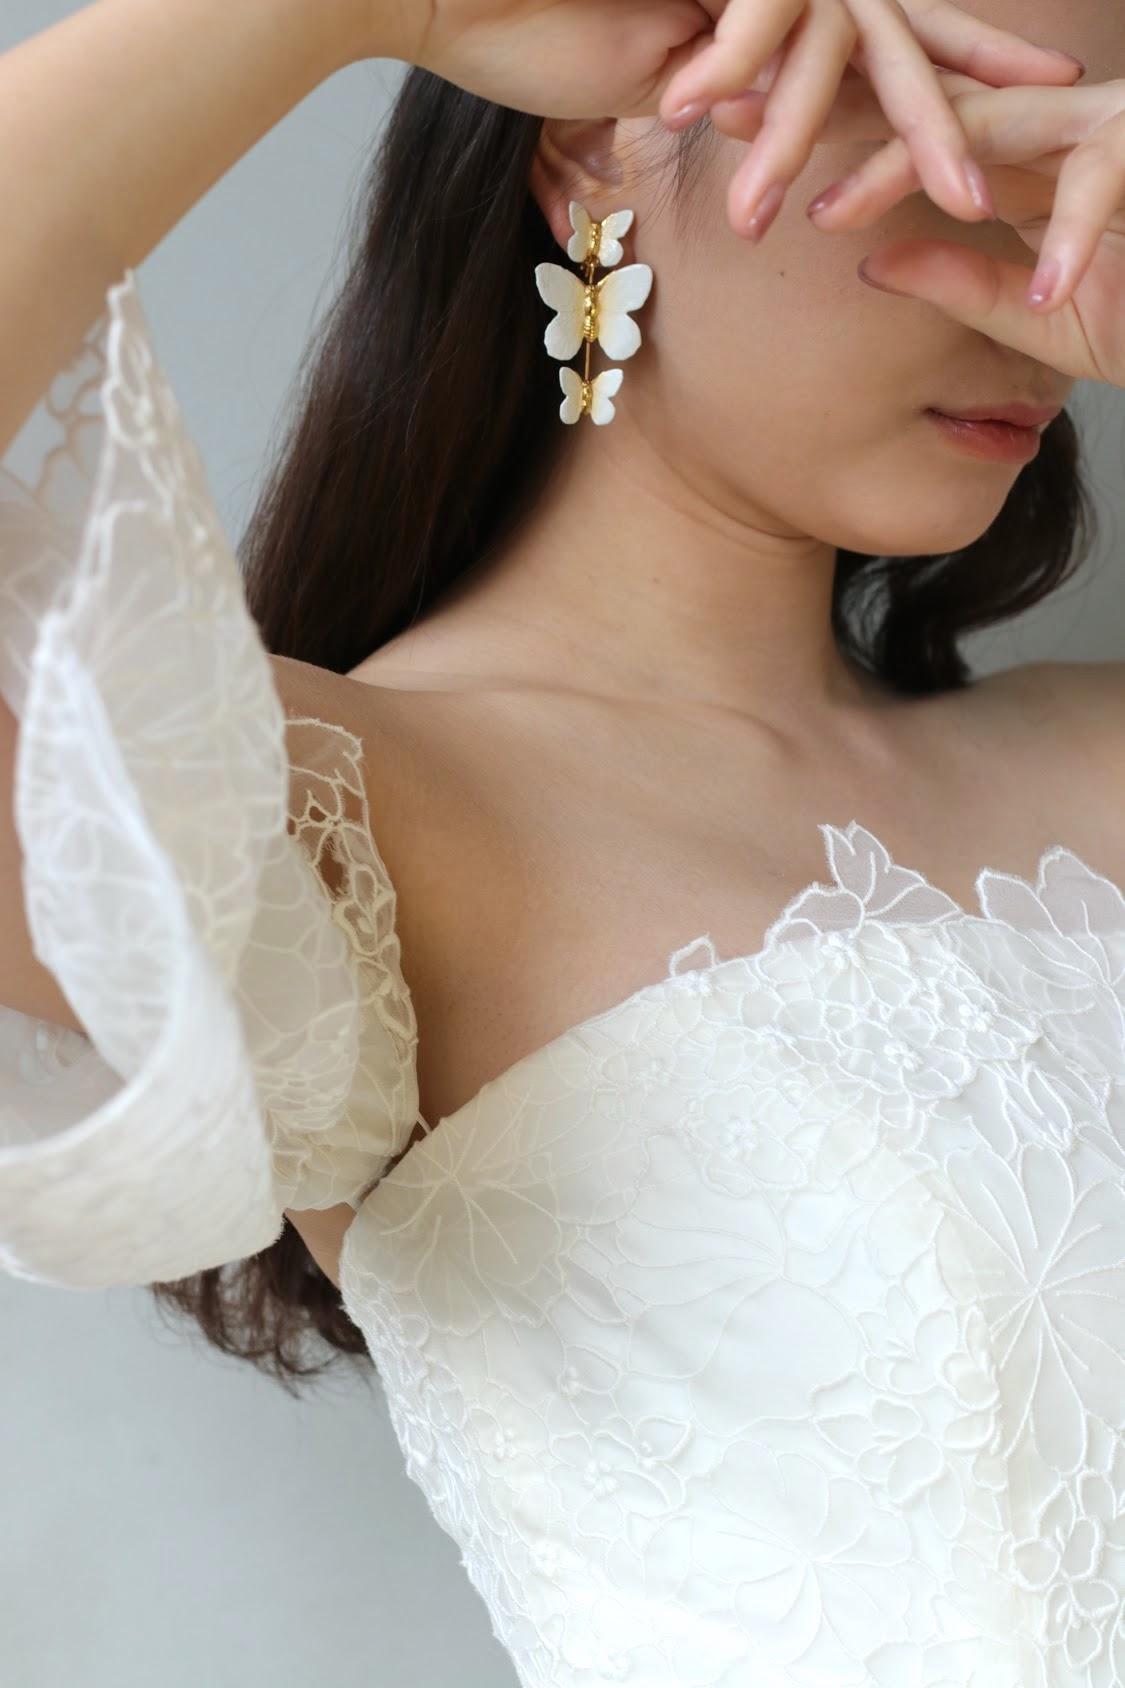 春夏の結婚式におすすめの最旬トレンドのロマンティックなドレスにはピンクのリップとネイル、蝶モチーフの白やゴールドのイヤリングを合わせると、幸福感溢れるいつまでも愛されるトータルコーディネートでありながらもフルダウンヘアにする事でモードな花嫁になることができます。